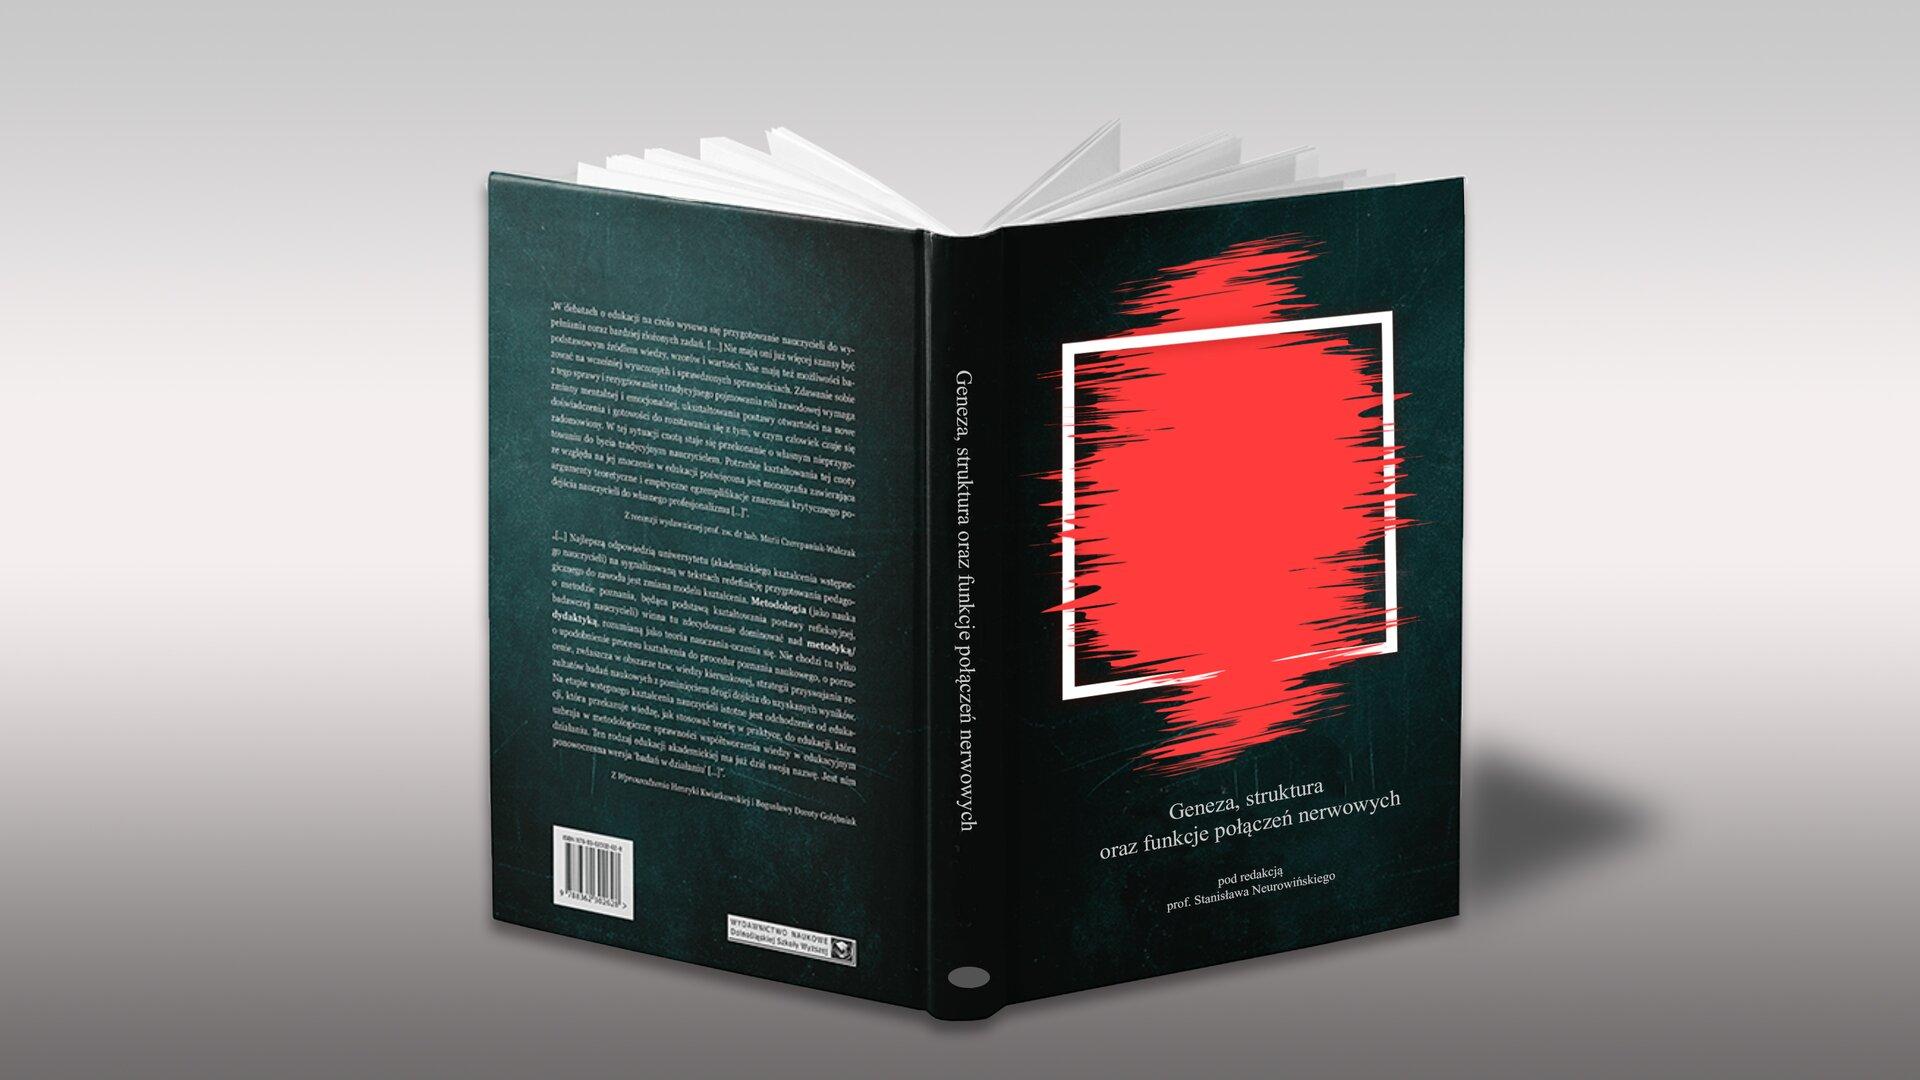 Na szarym tle widzimy rozłożoną książkę wczarnej okładce, wewnątrz widać ułożone wwachlarz białe strony. Strona tytułowa ma wbiałej ramce czerwoną plamę. Na grzbiecie widnieje tytuł zapisany białymi literami. Okładka na końcu jest zapisana iopatrzna na dole kodem kreskowym.